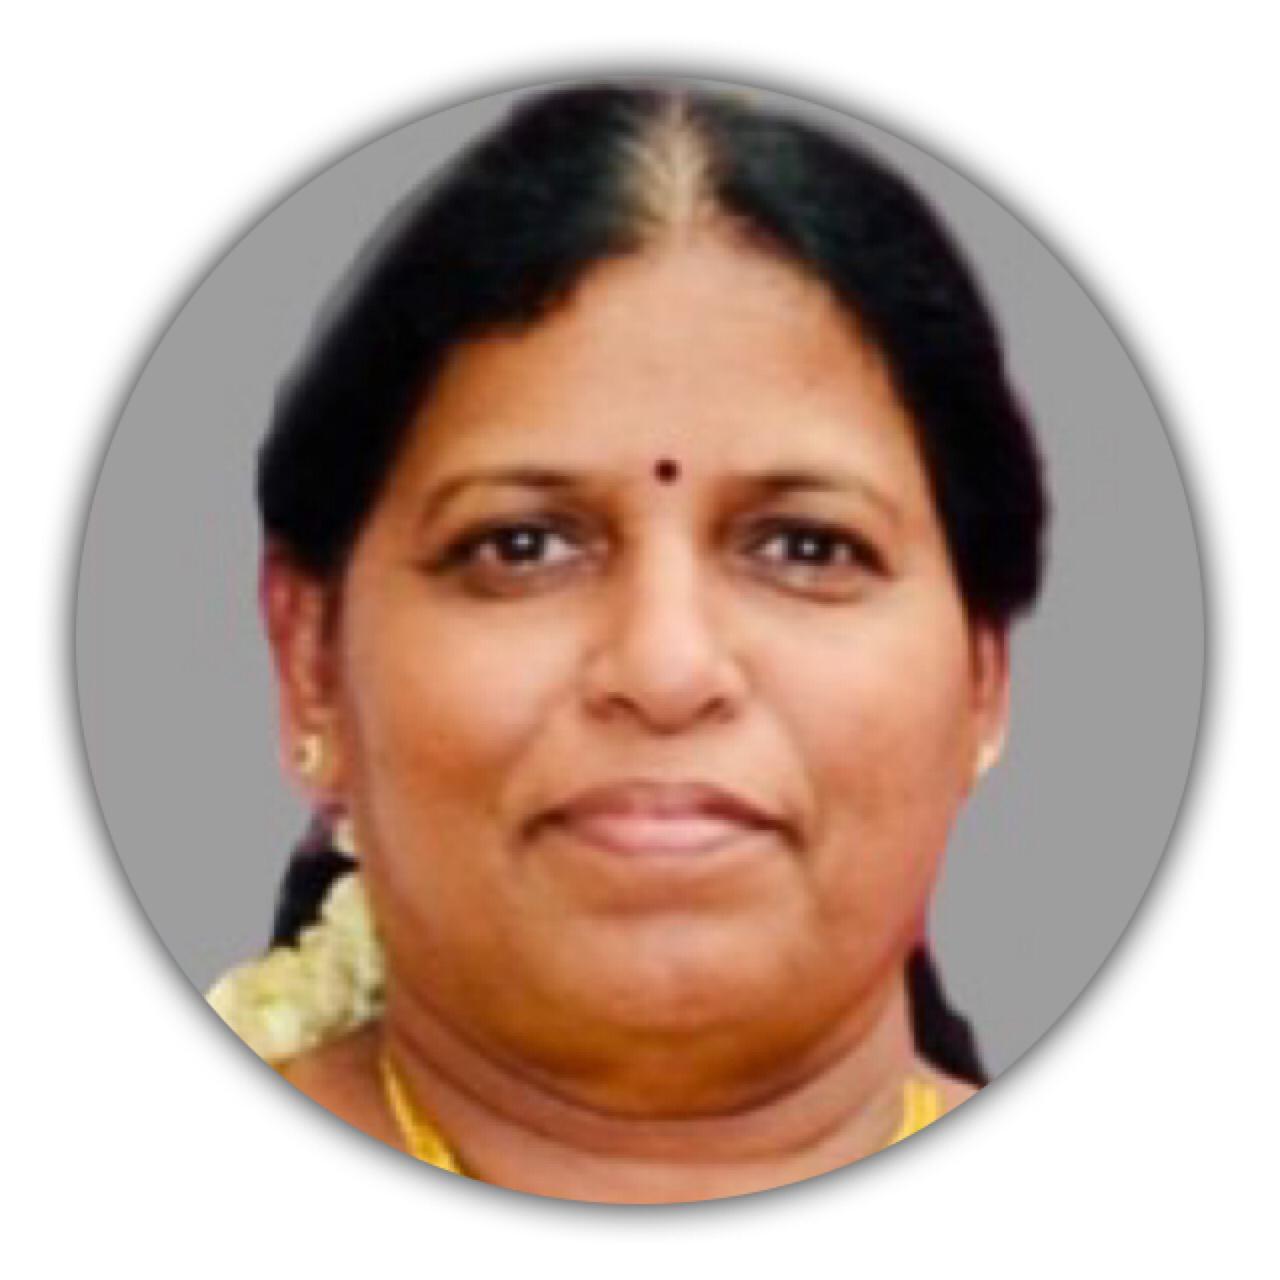 திருமதி. கிளாறிஸ் கிப்பொலிற்றா மரியதாசன்